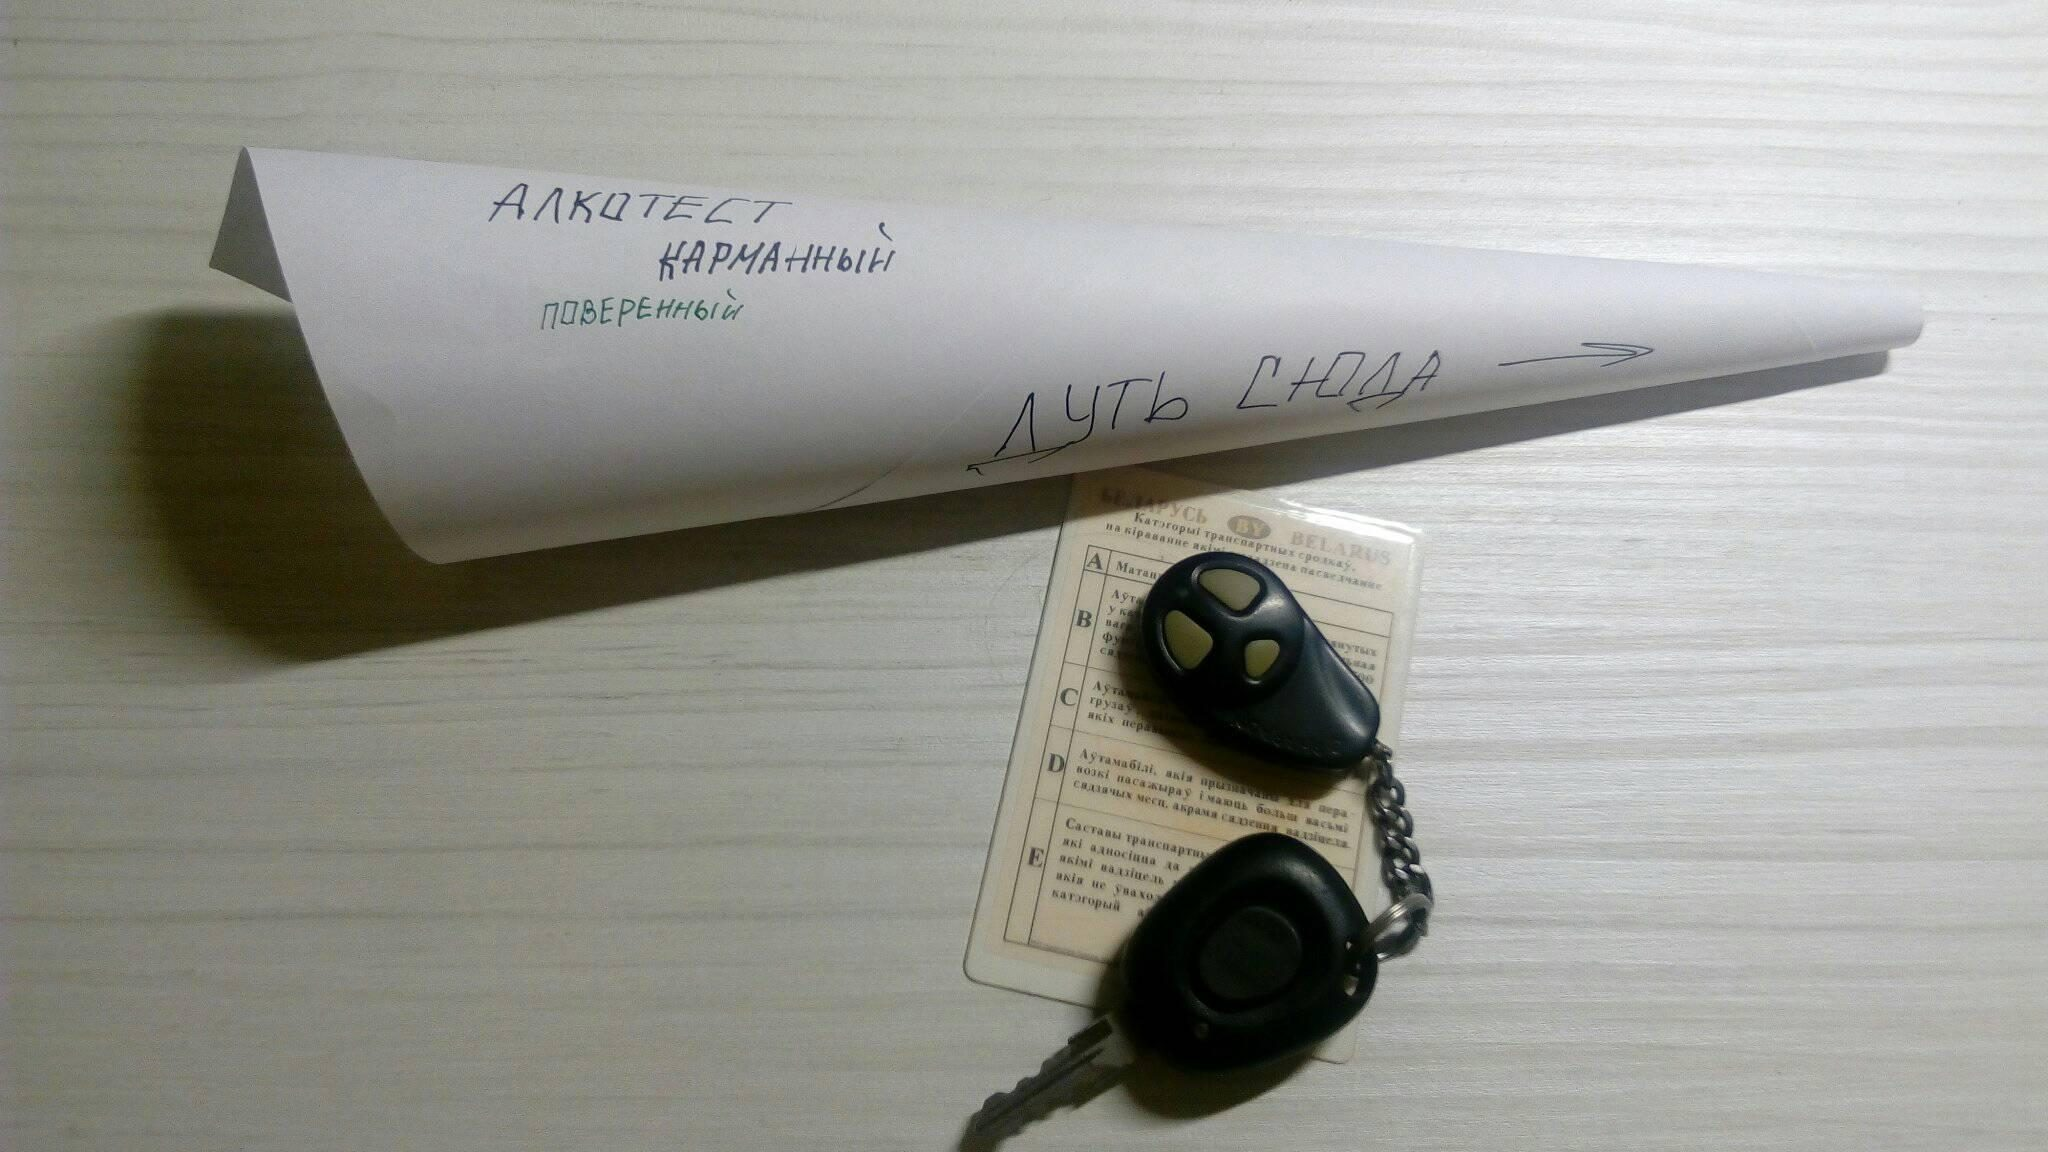 Карманный алкотест. адвокат ДТП Латышев П.С.